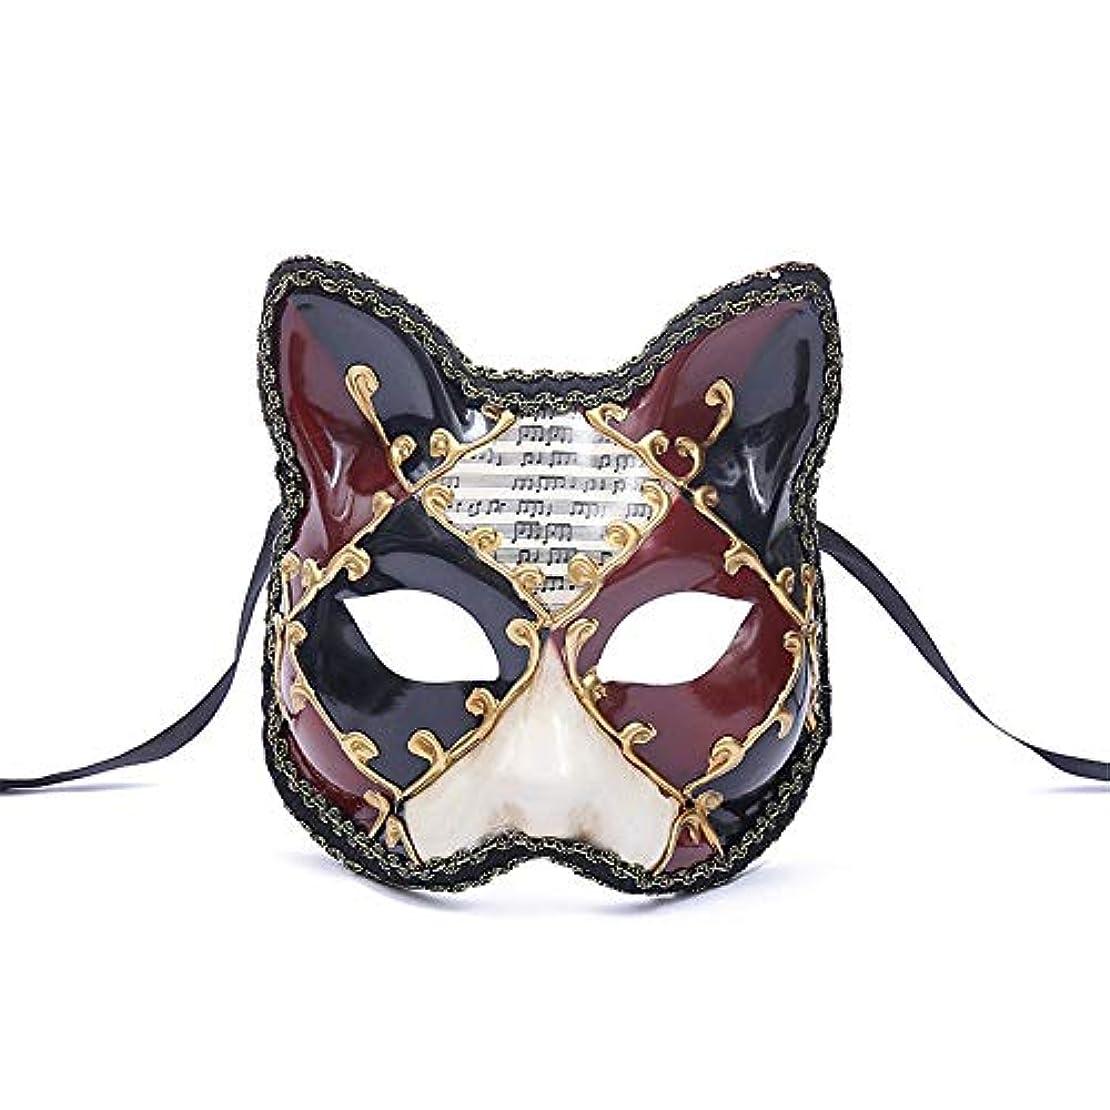 写真を描く四面体電圧ダンスマスク 大きな猫アンティーク動物レトロコスプレハロウィーン仮装マスクナイトクラブマスク雰囲気フェスティバルマスク ホリデーパーティー用品 (色 : 赤, サイズ : 17.5x16cm)